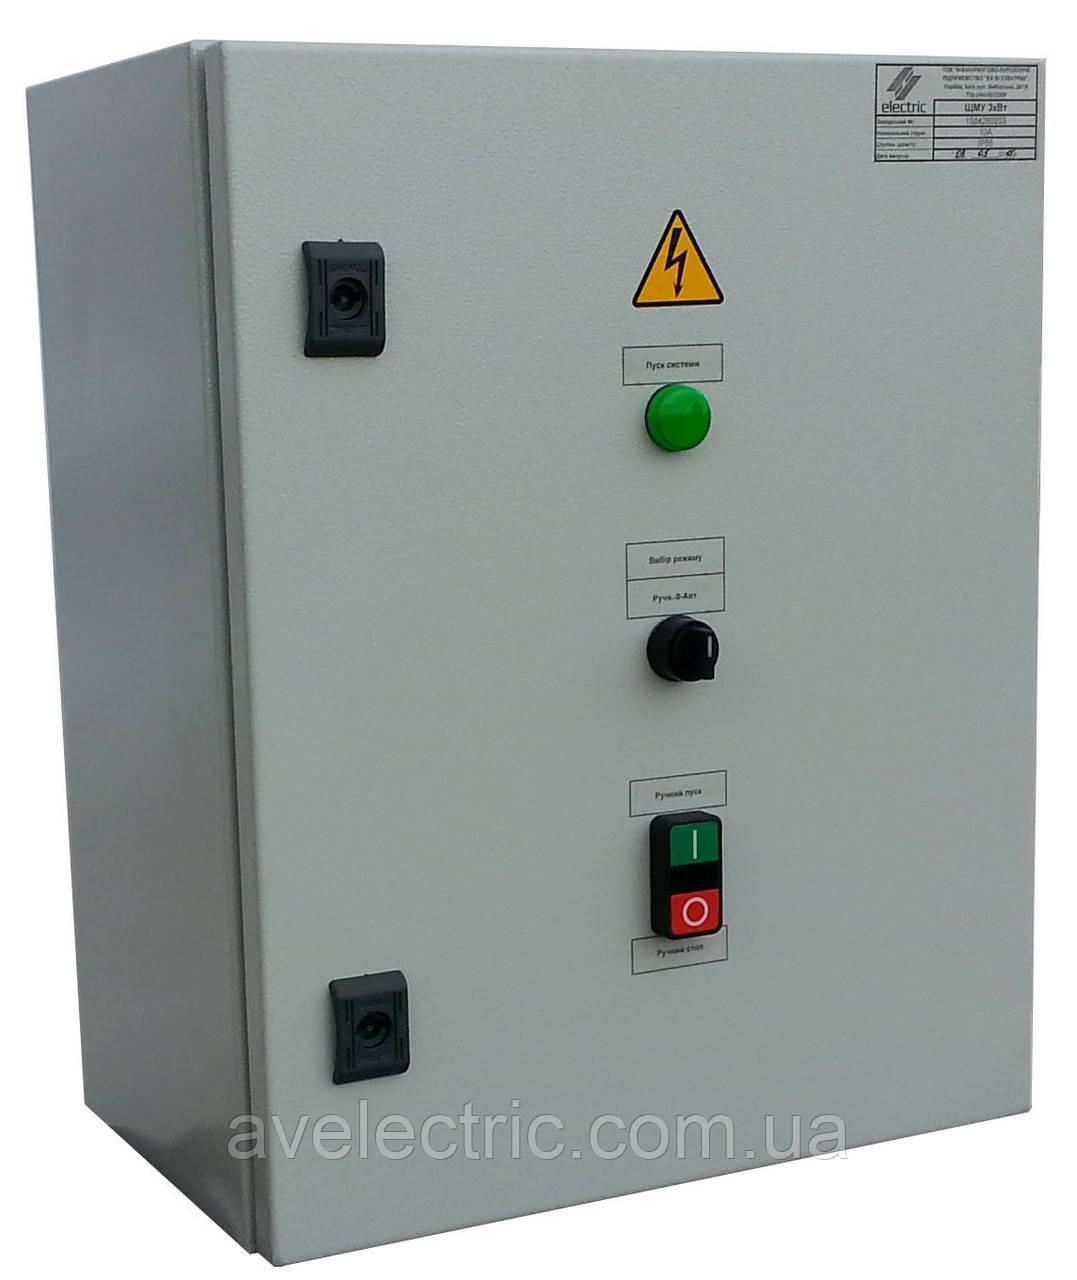 Ящик управления электродвигателем Я5114-3974-54У3